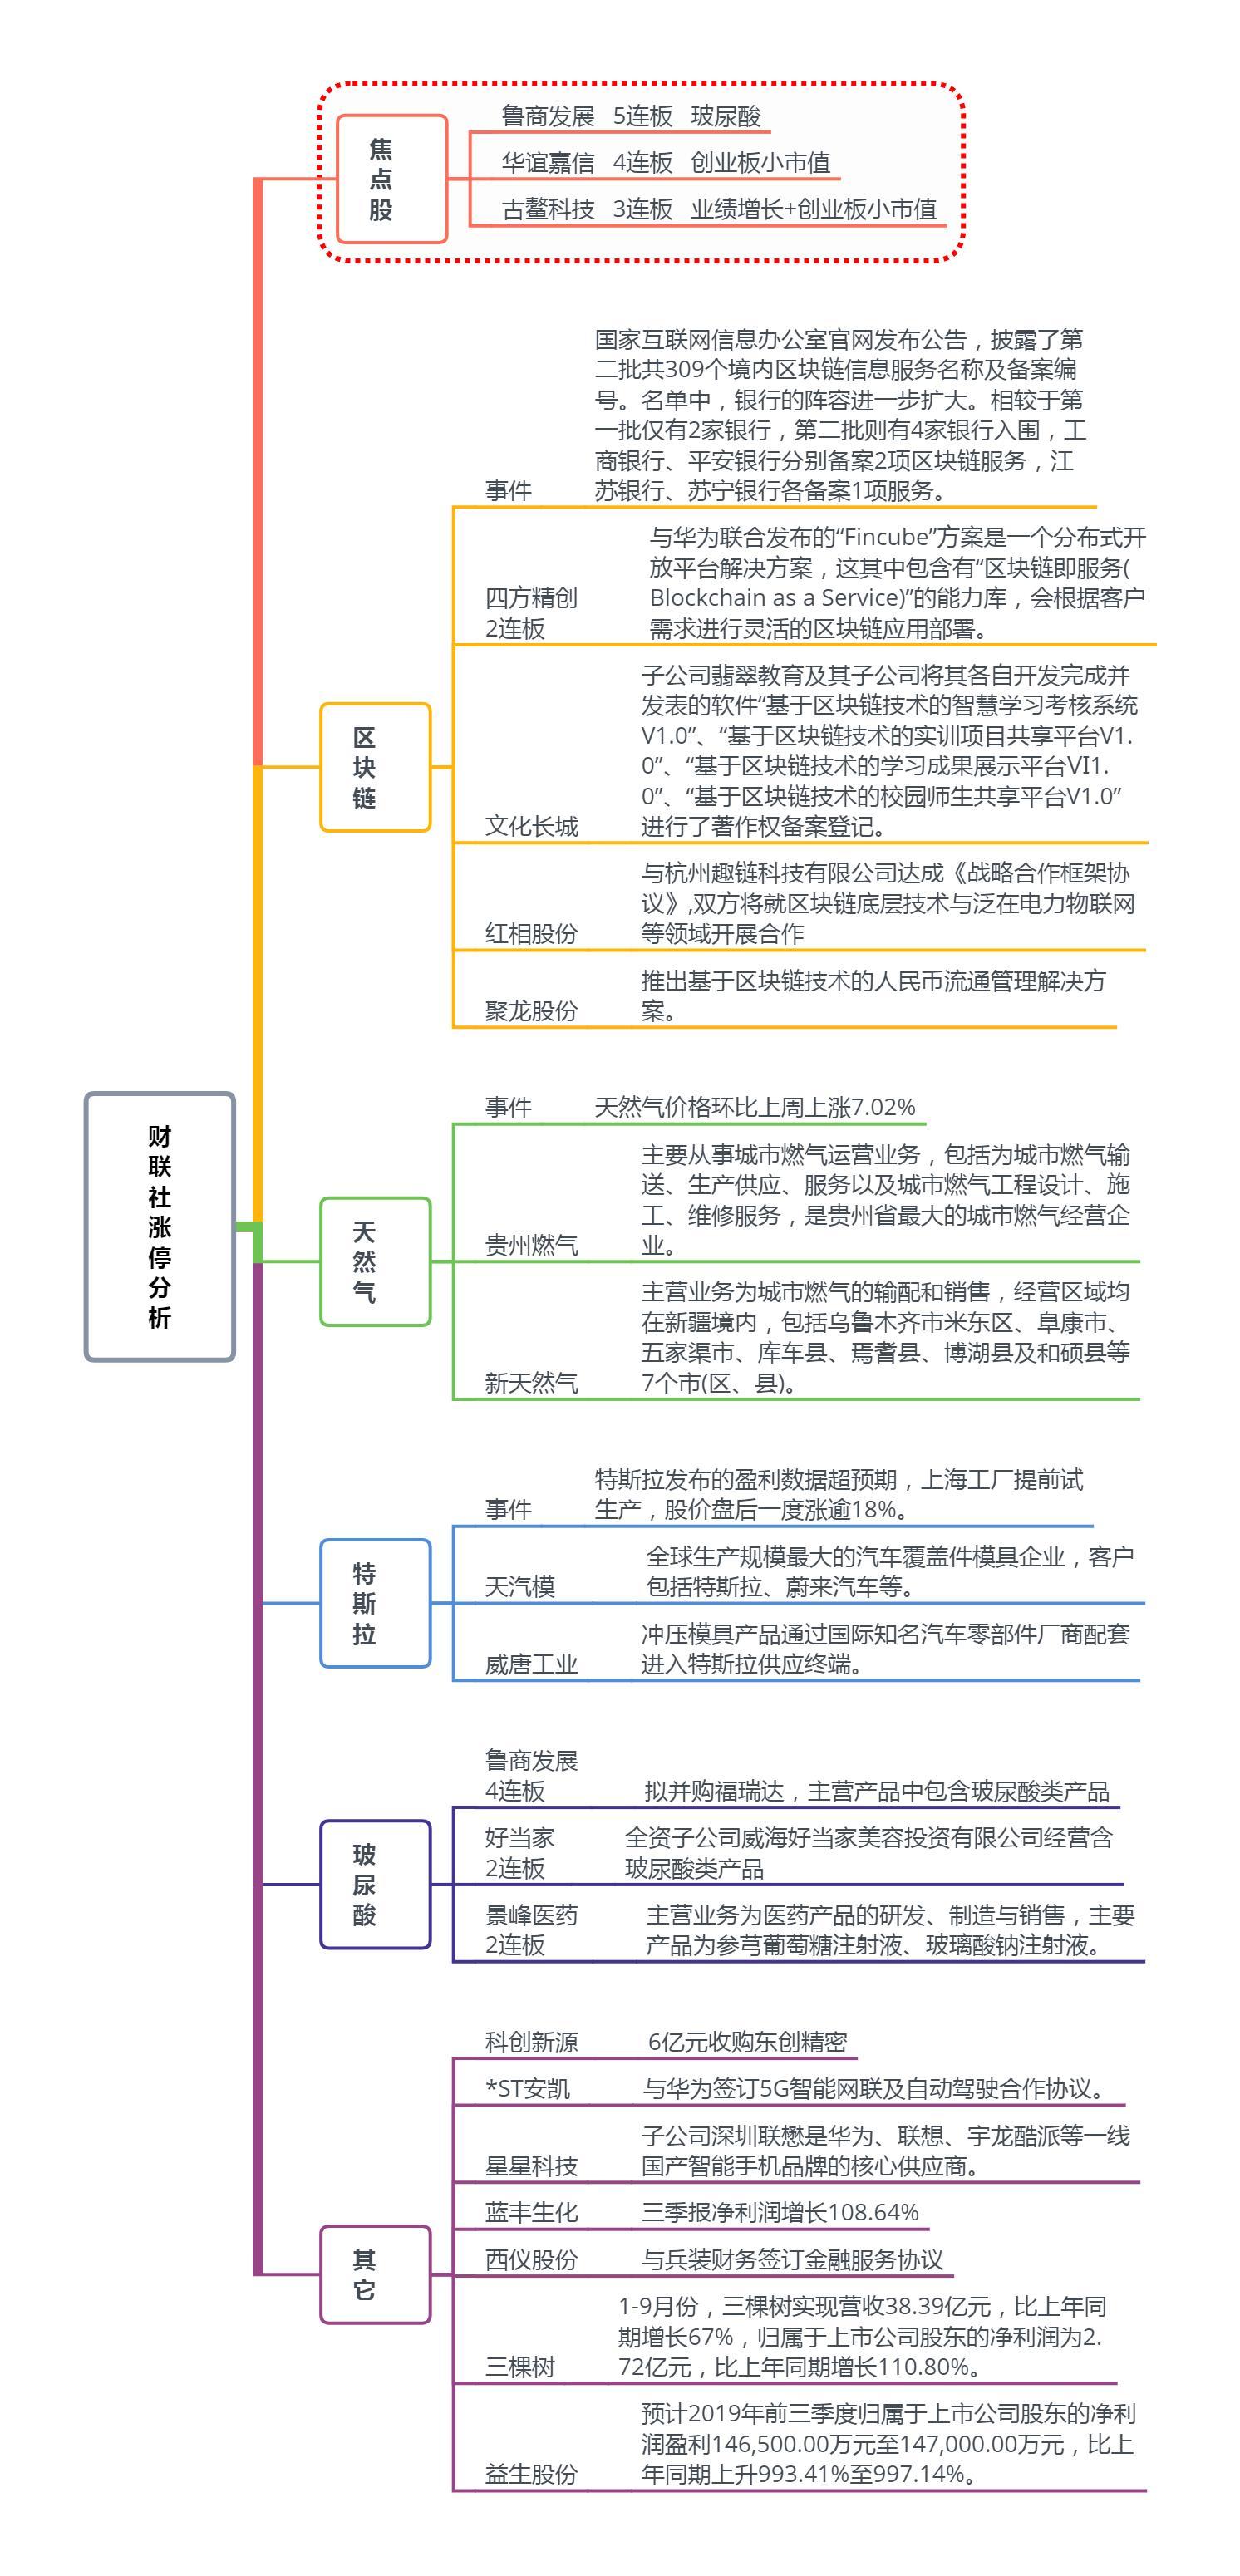 【焦点复盘】区块链持续活跃 估值重塑概念继续发酵